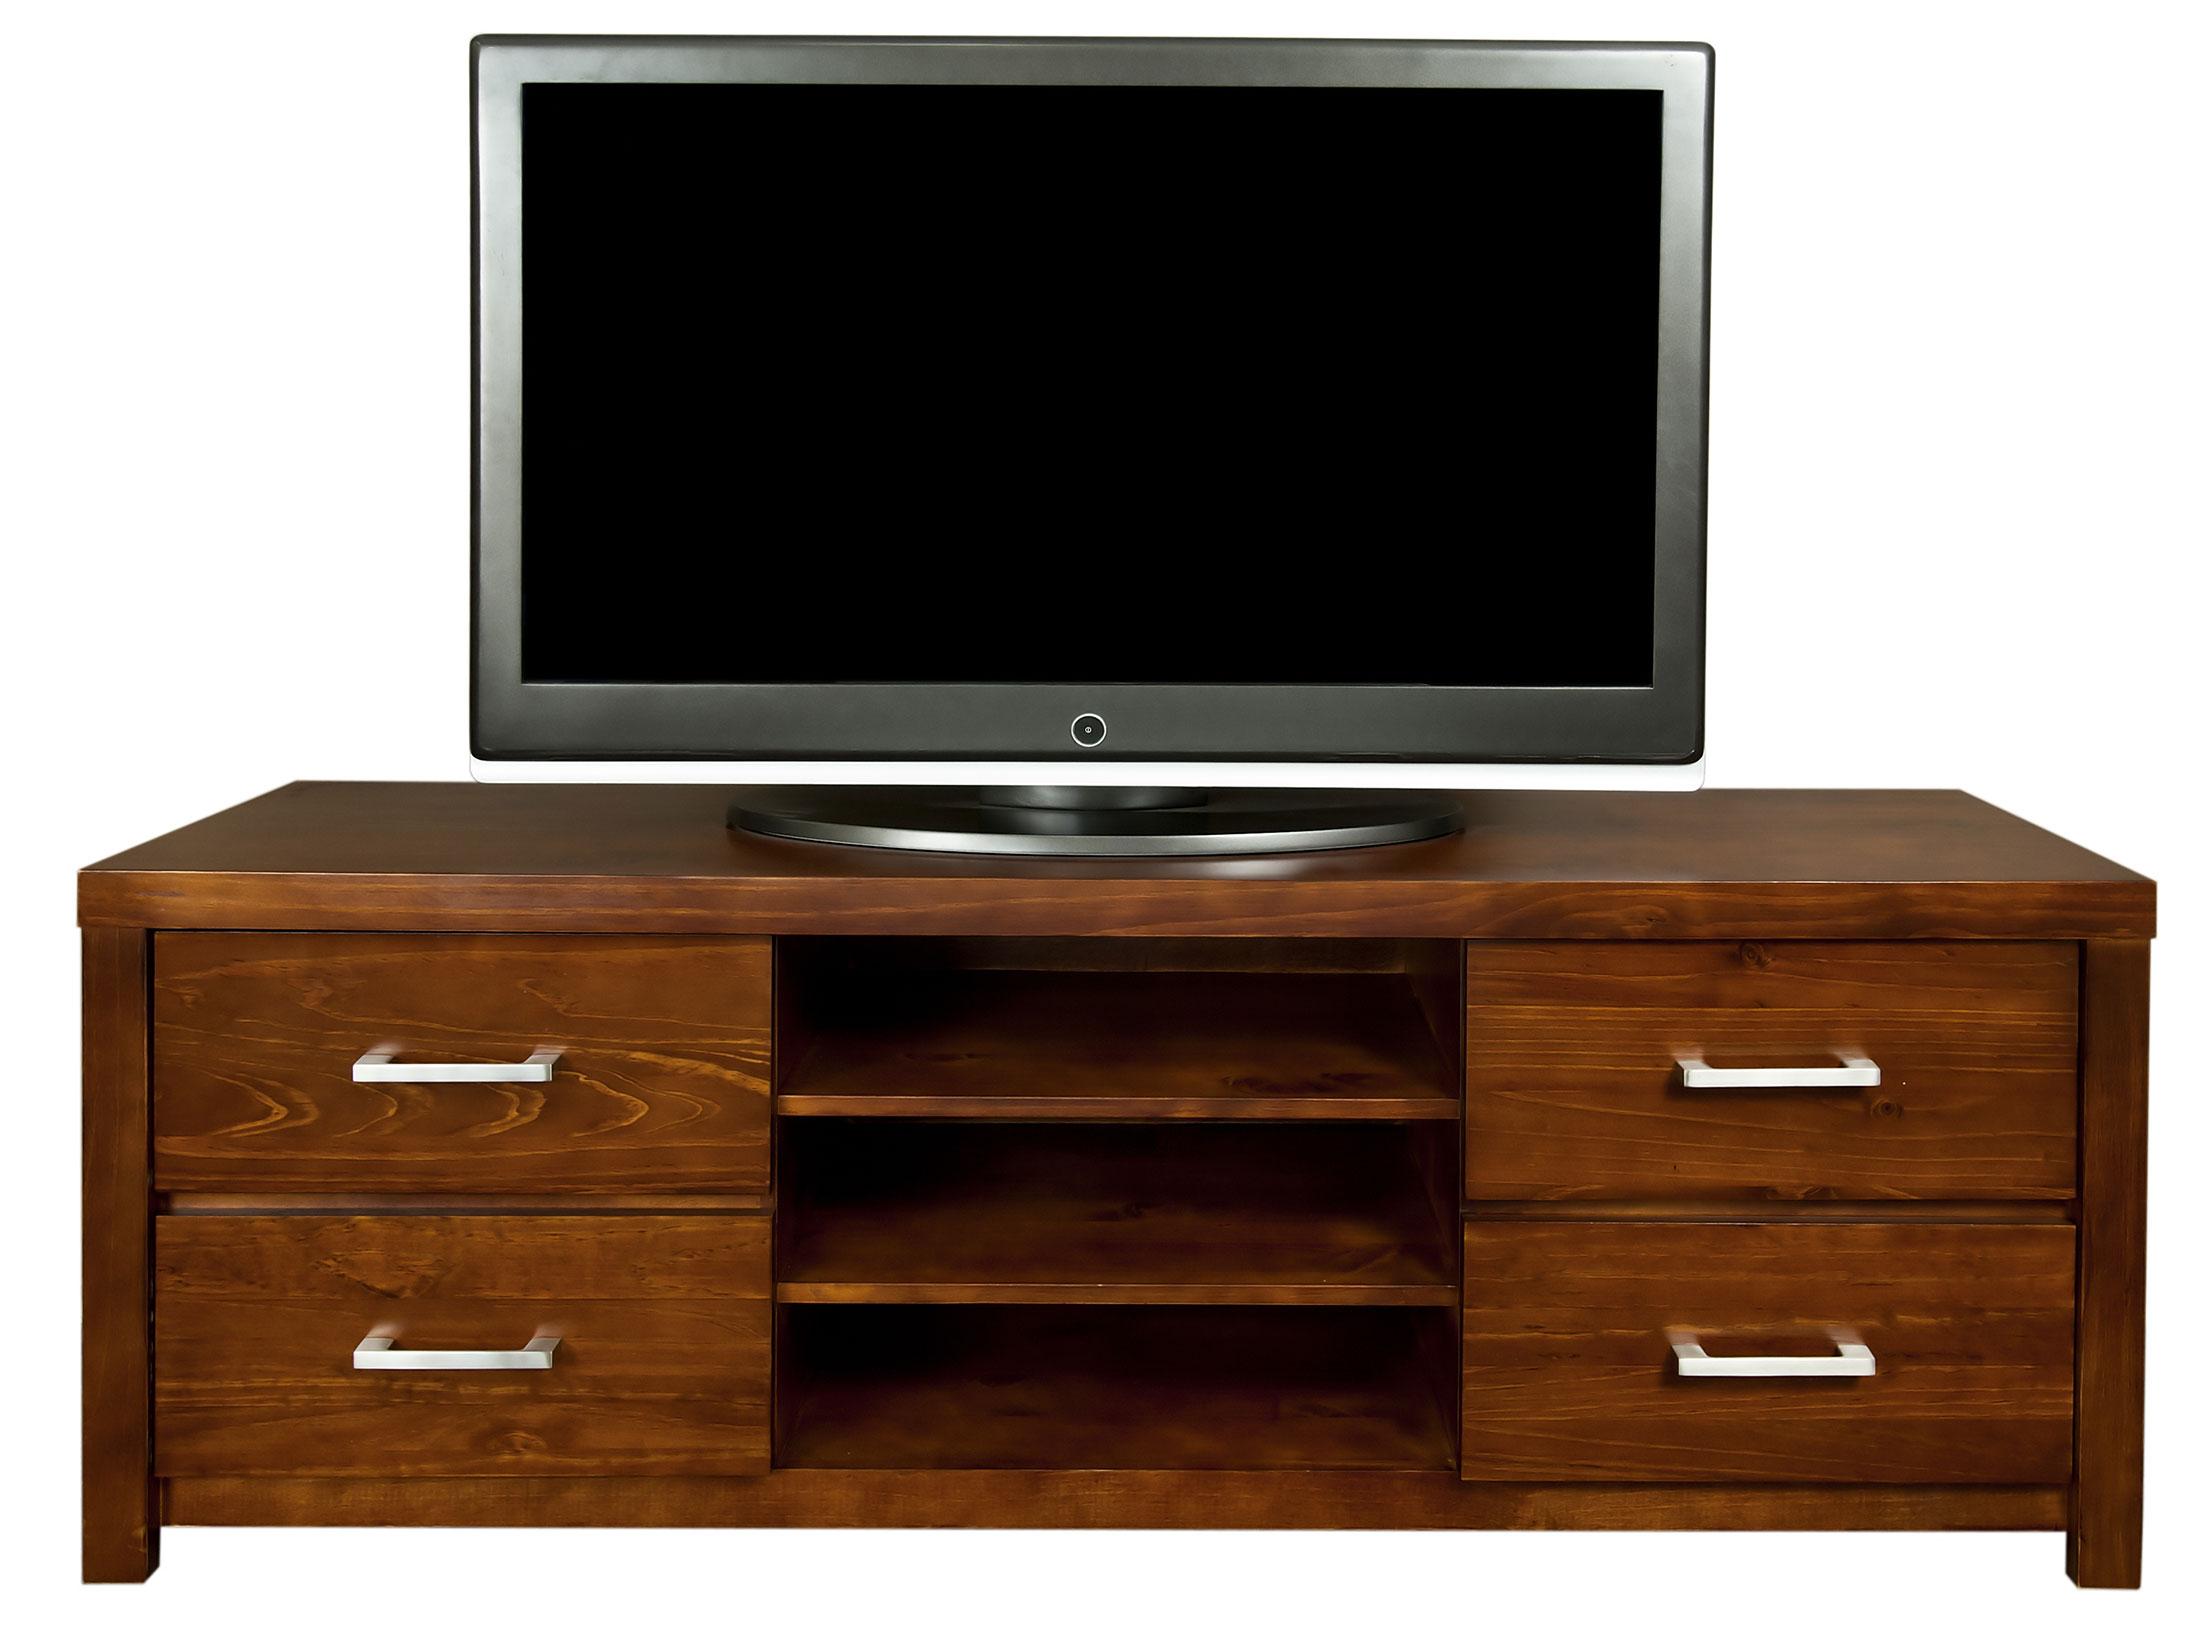 Maple leaf kitchen cabinets ltd desks tv stands